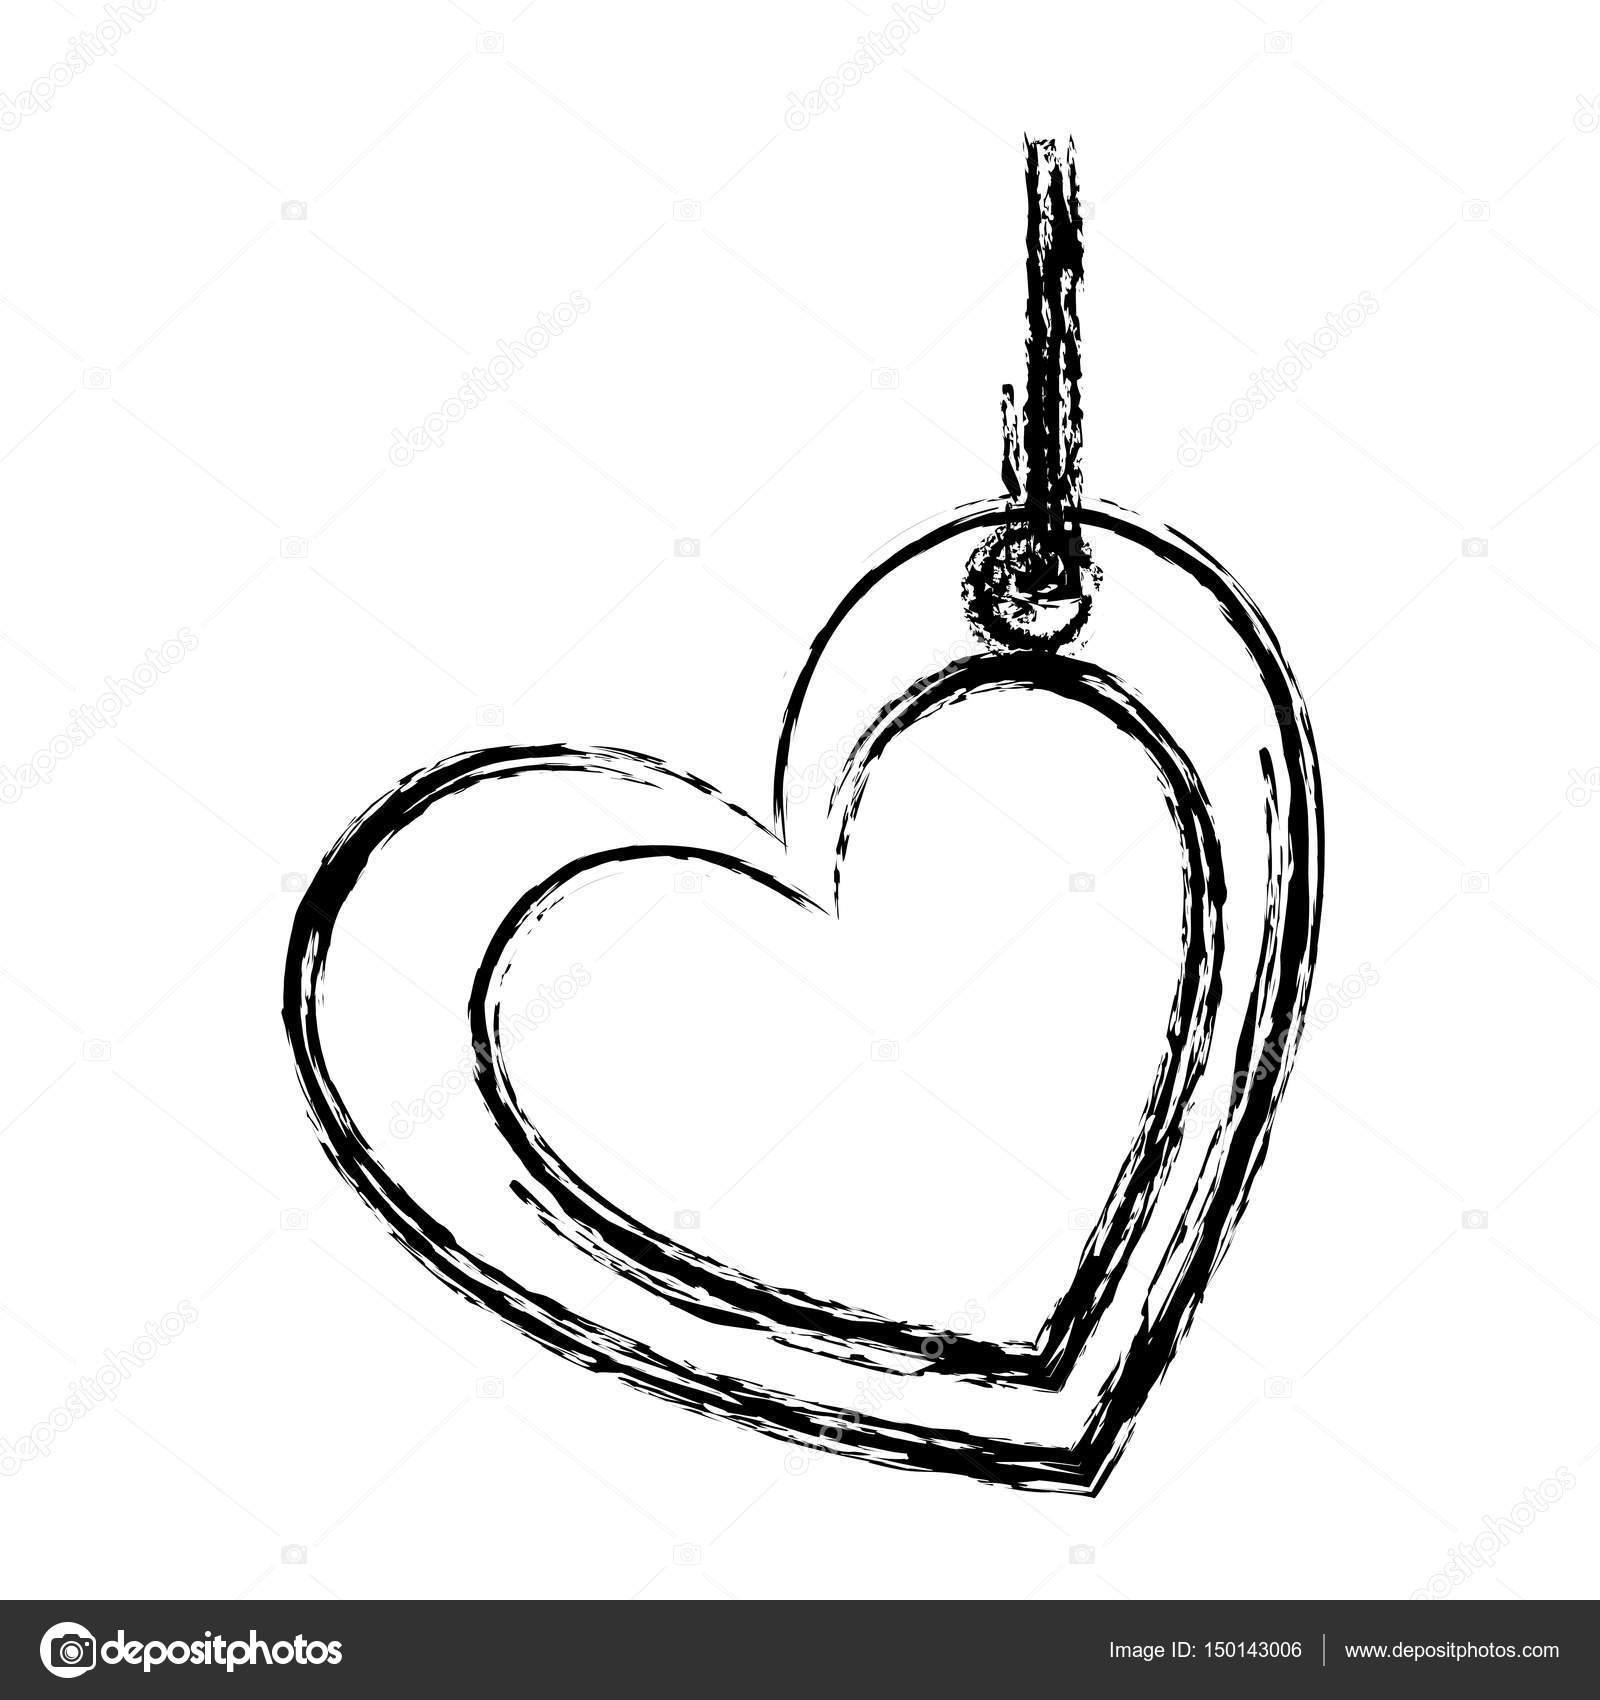 Fotos Siluetas De Amor Para Dibujar Dibujo Borrosa Silueta Doble